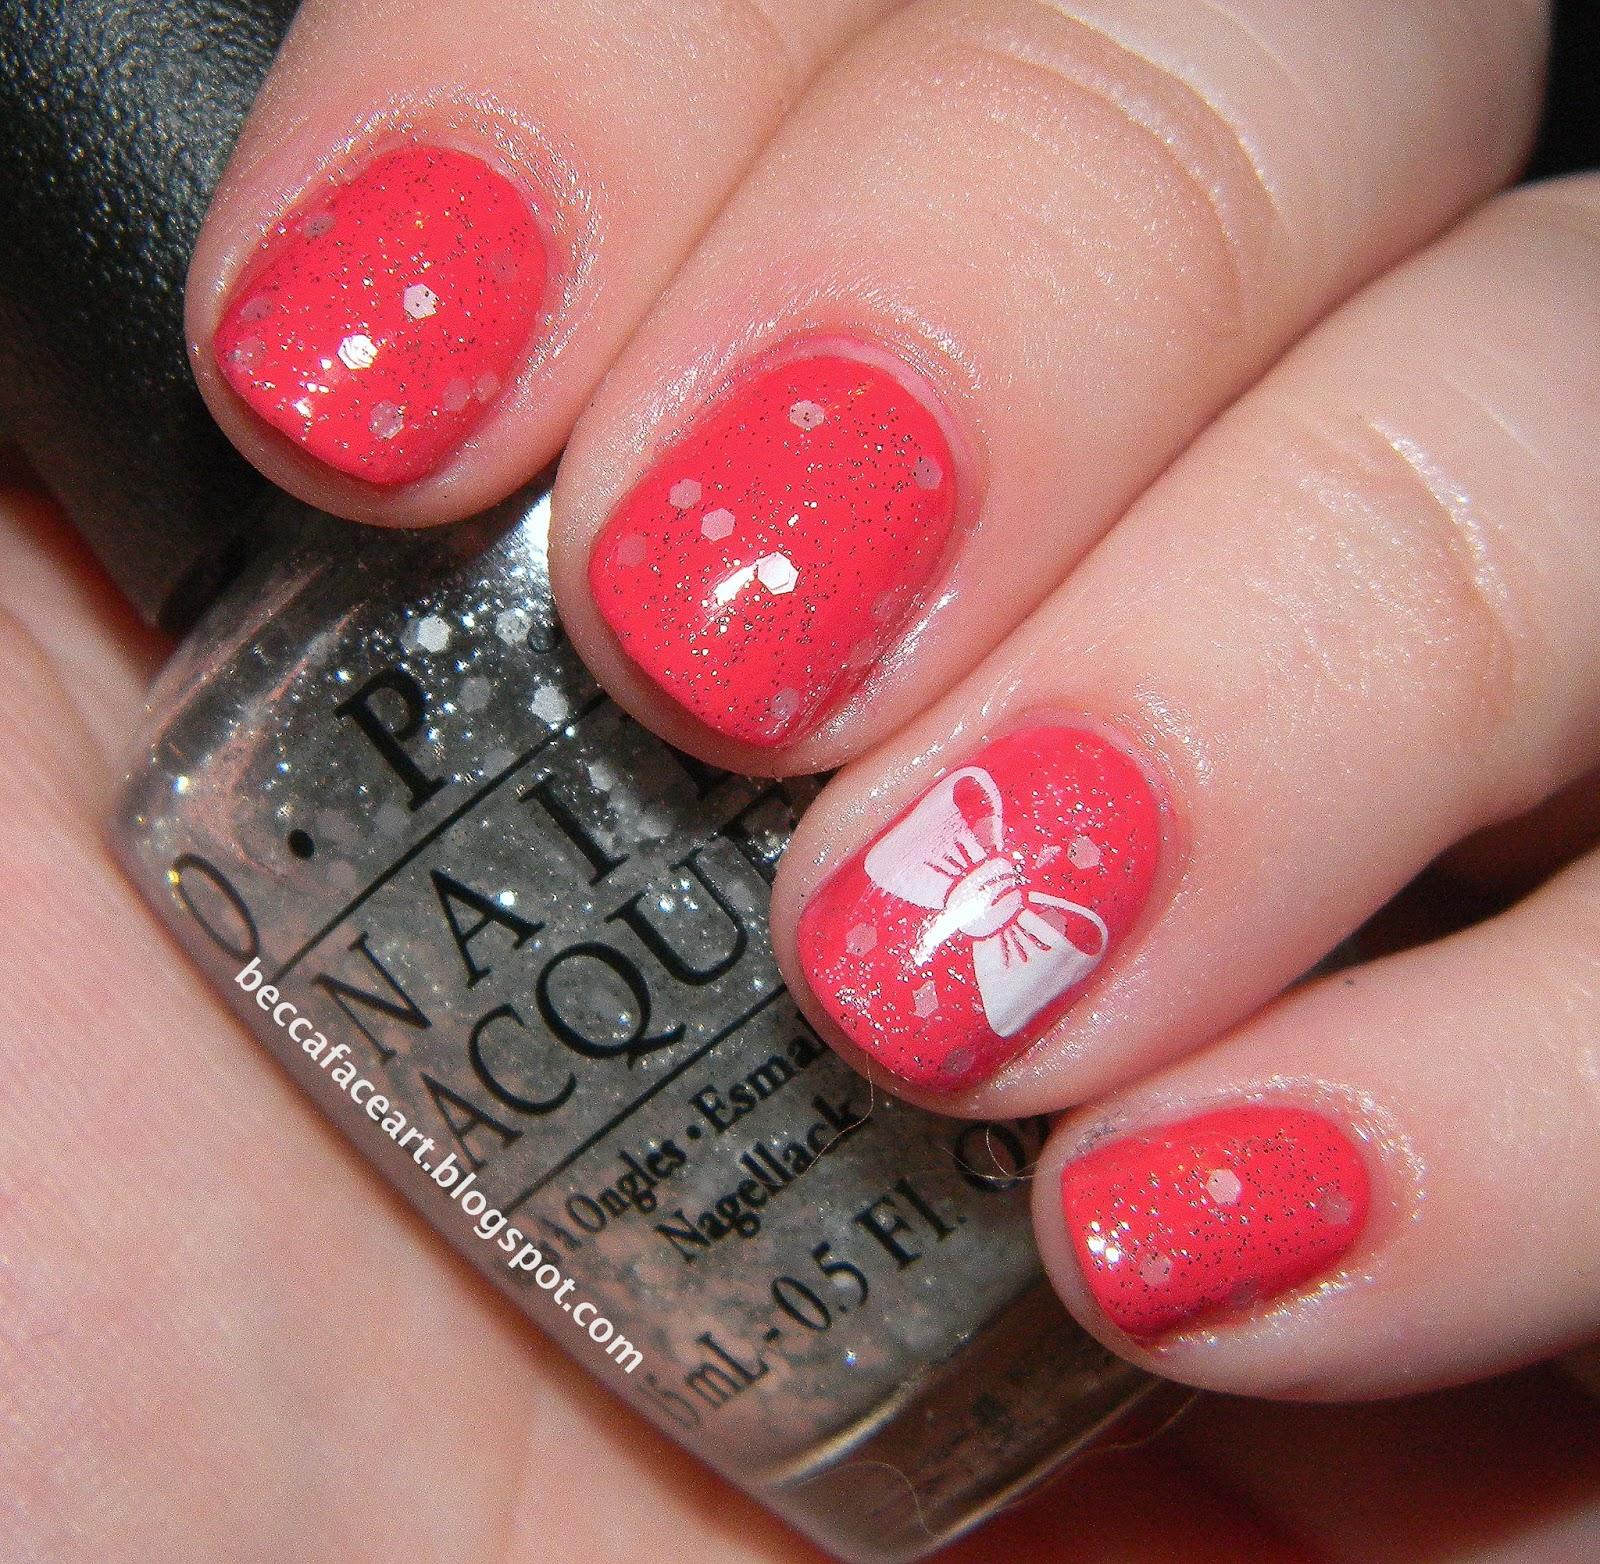 Becca Face Nail Art: Pink Bow Nails